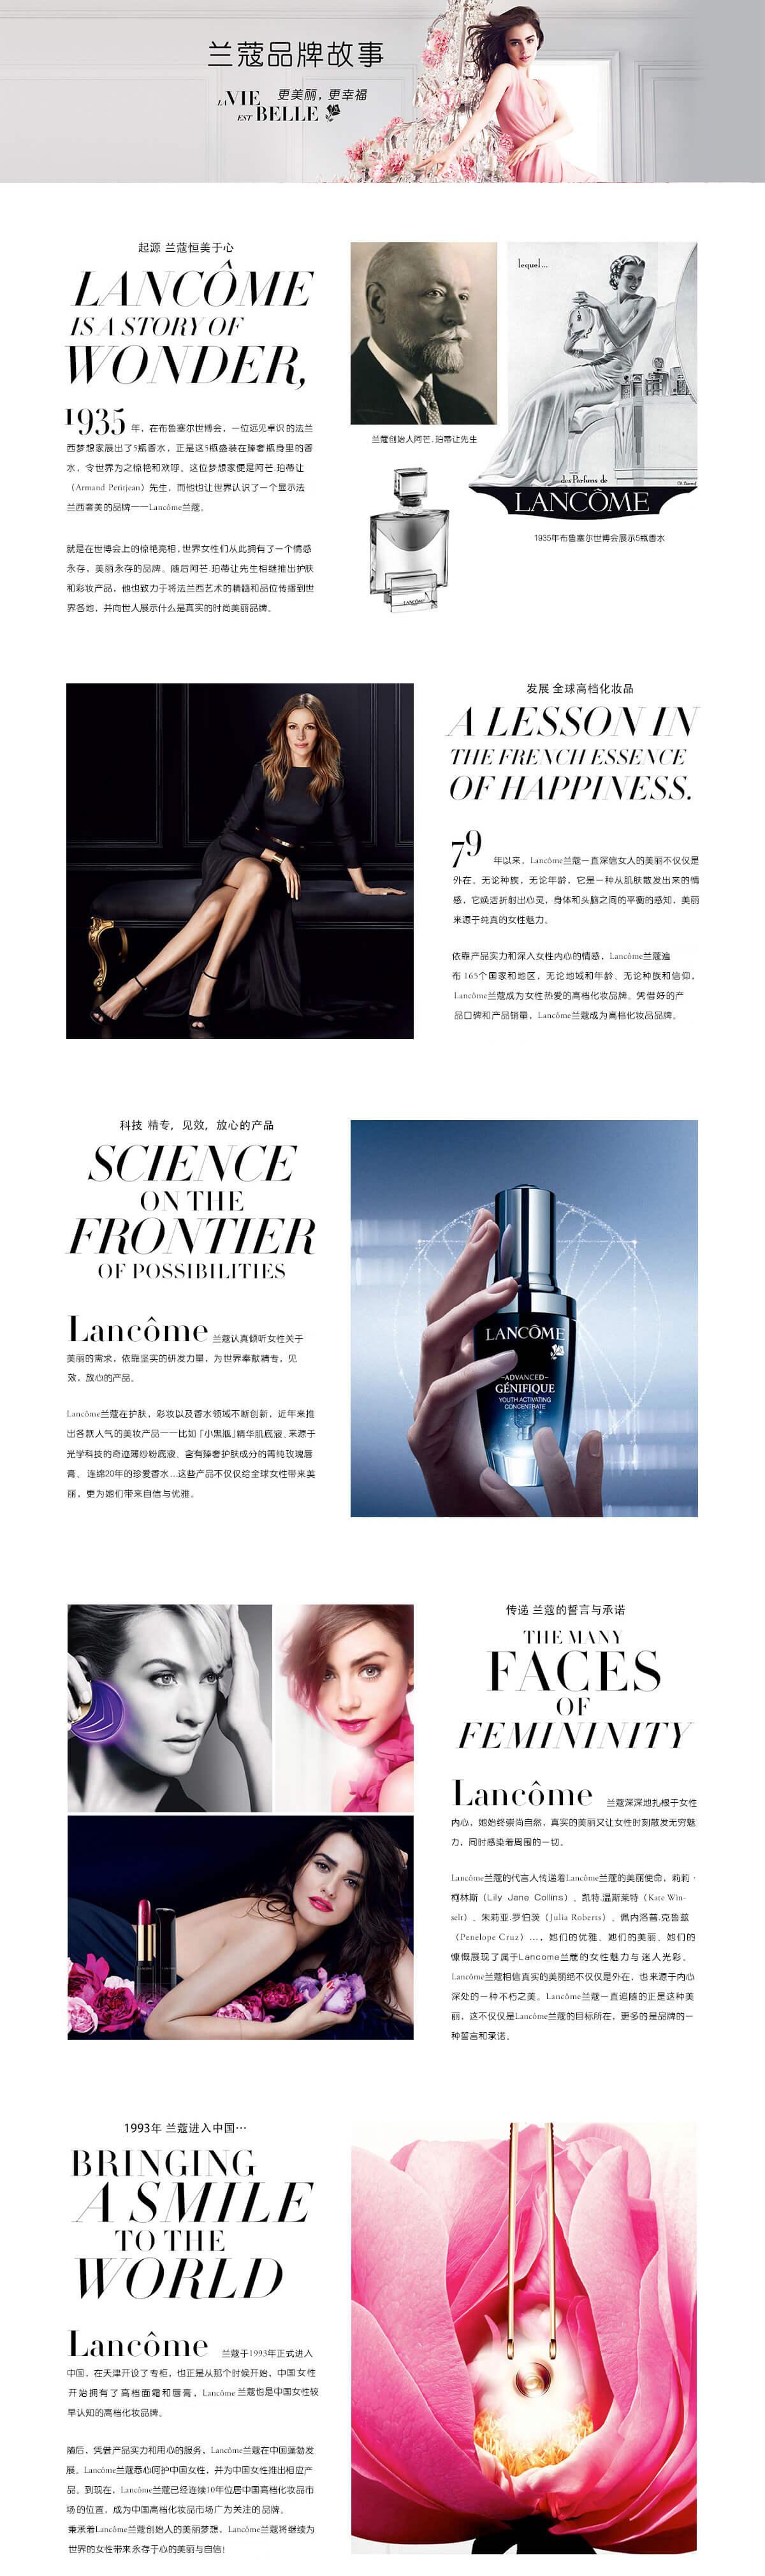 品牌页-顶部广告-lancmelankou